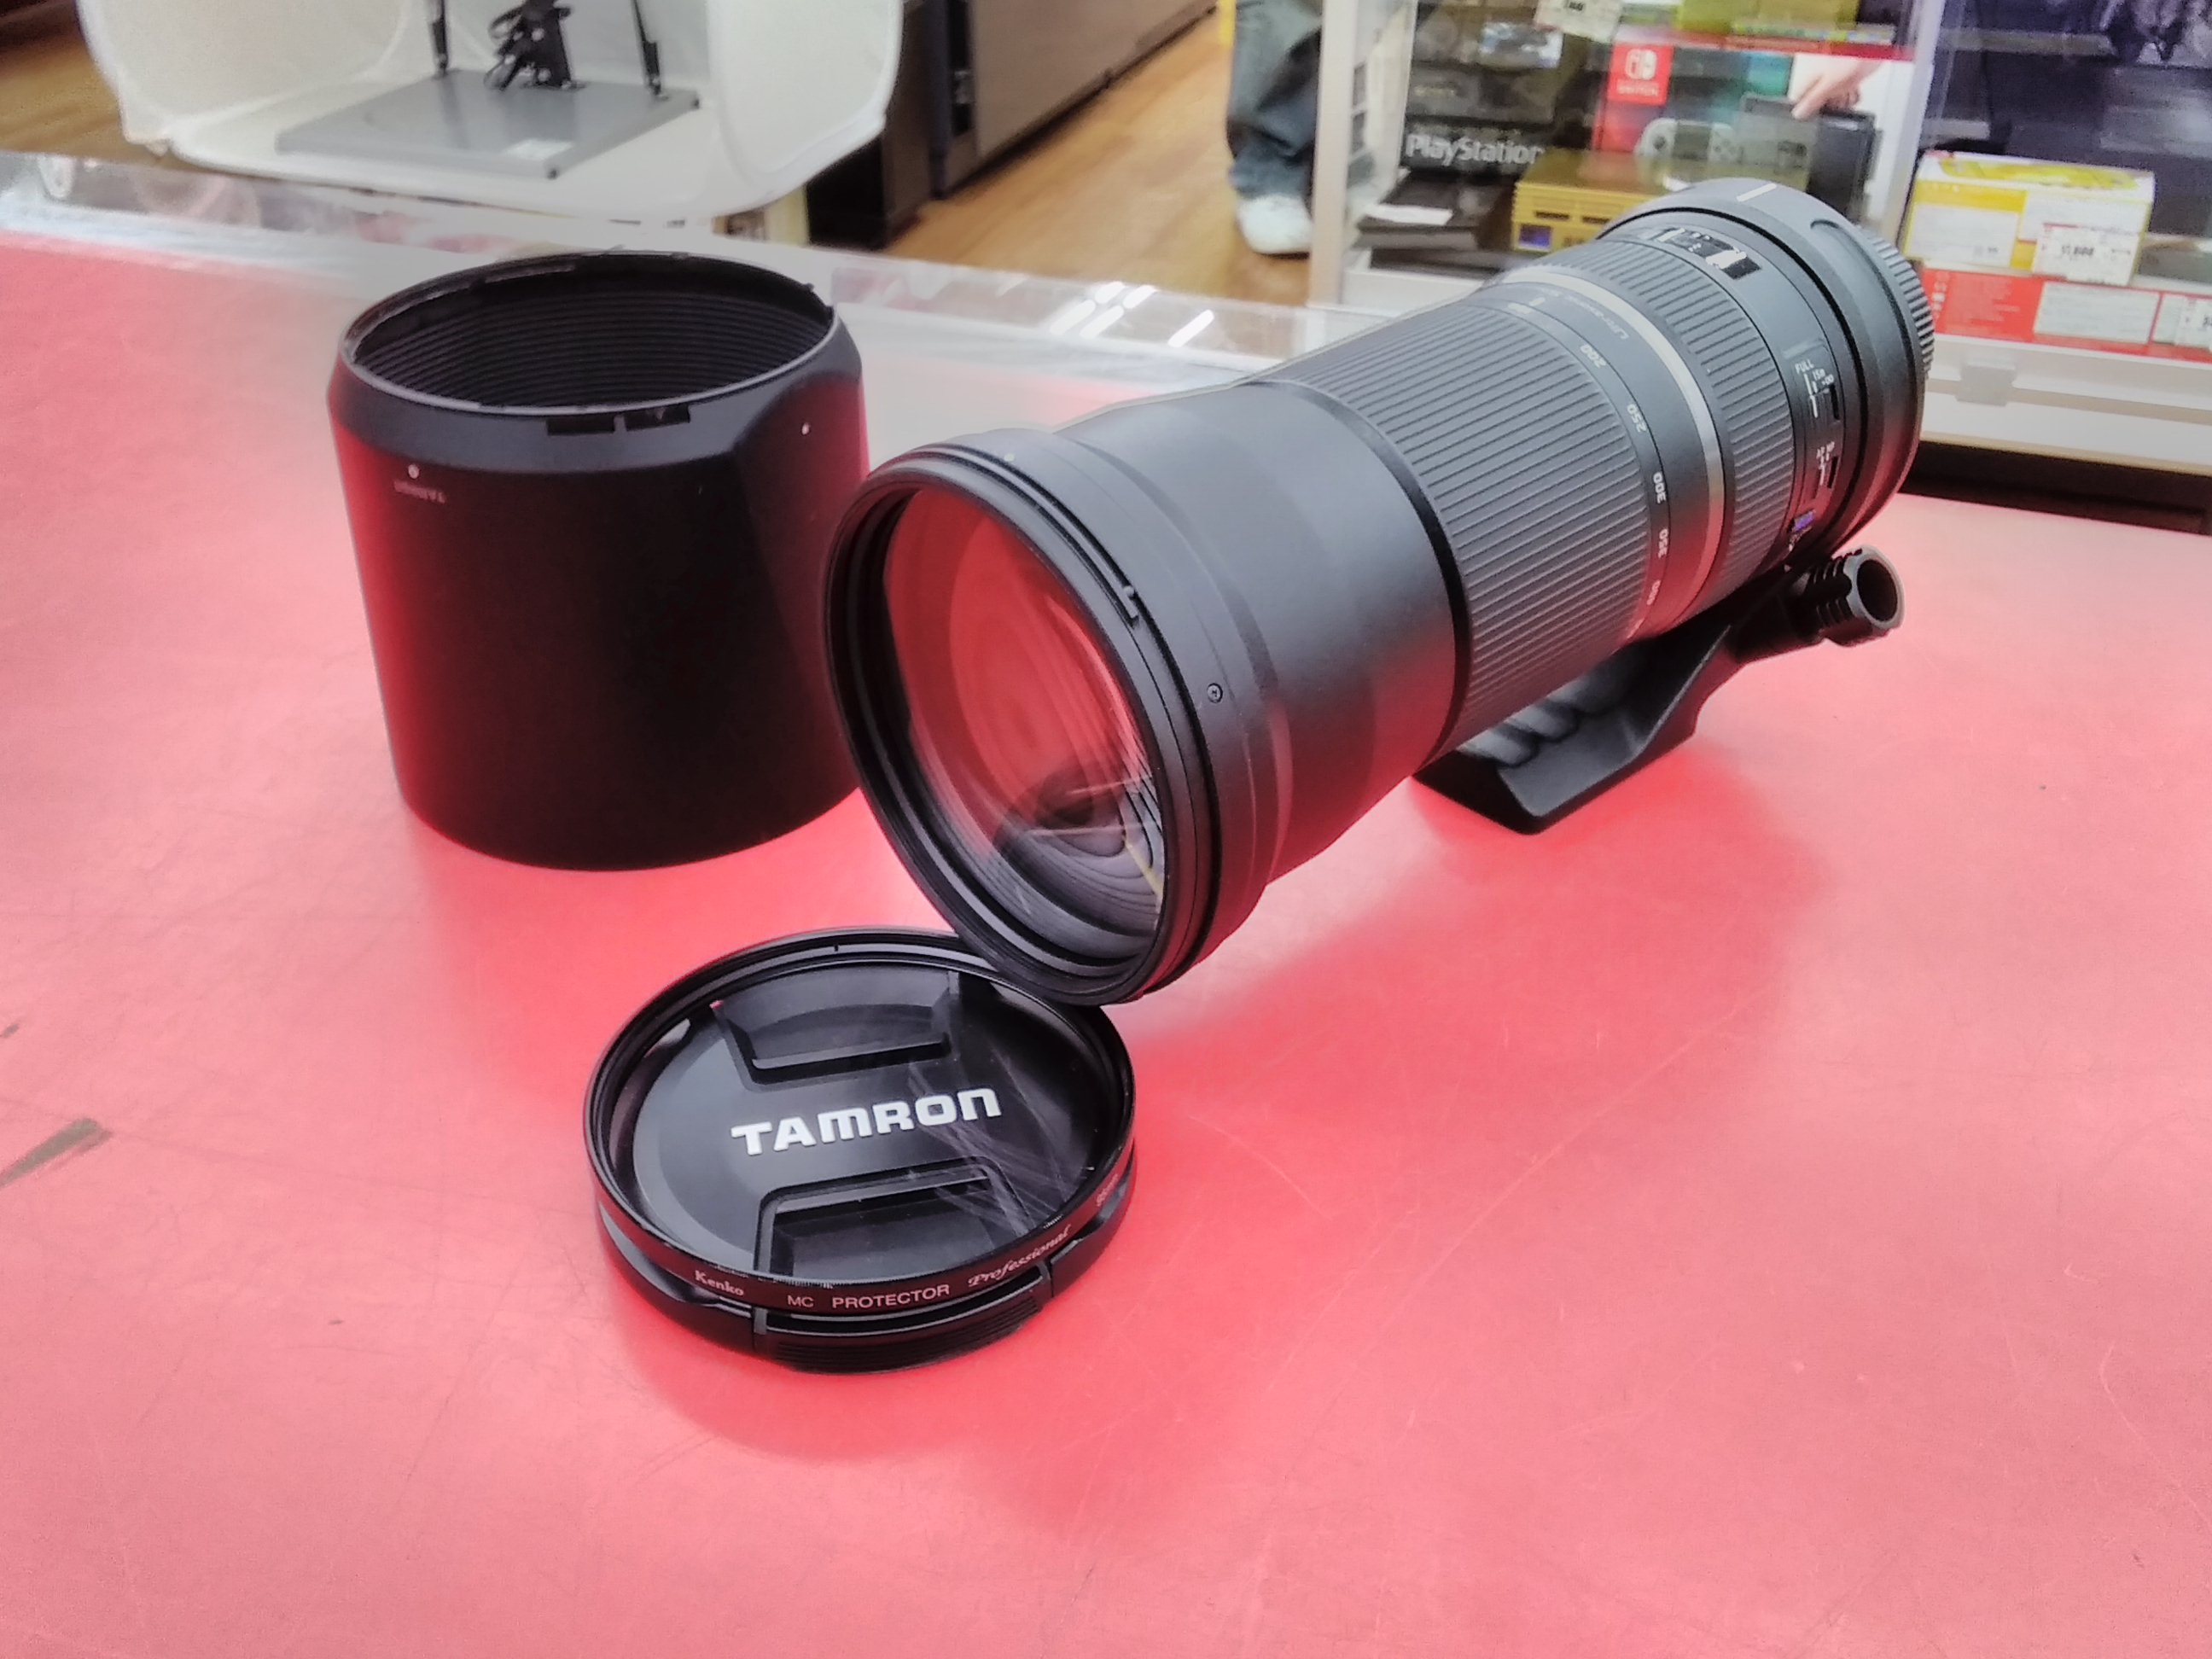 SP 150-600mm F/5-6.3 Di VC USD|TAMRON